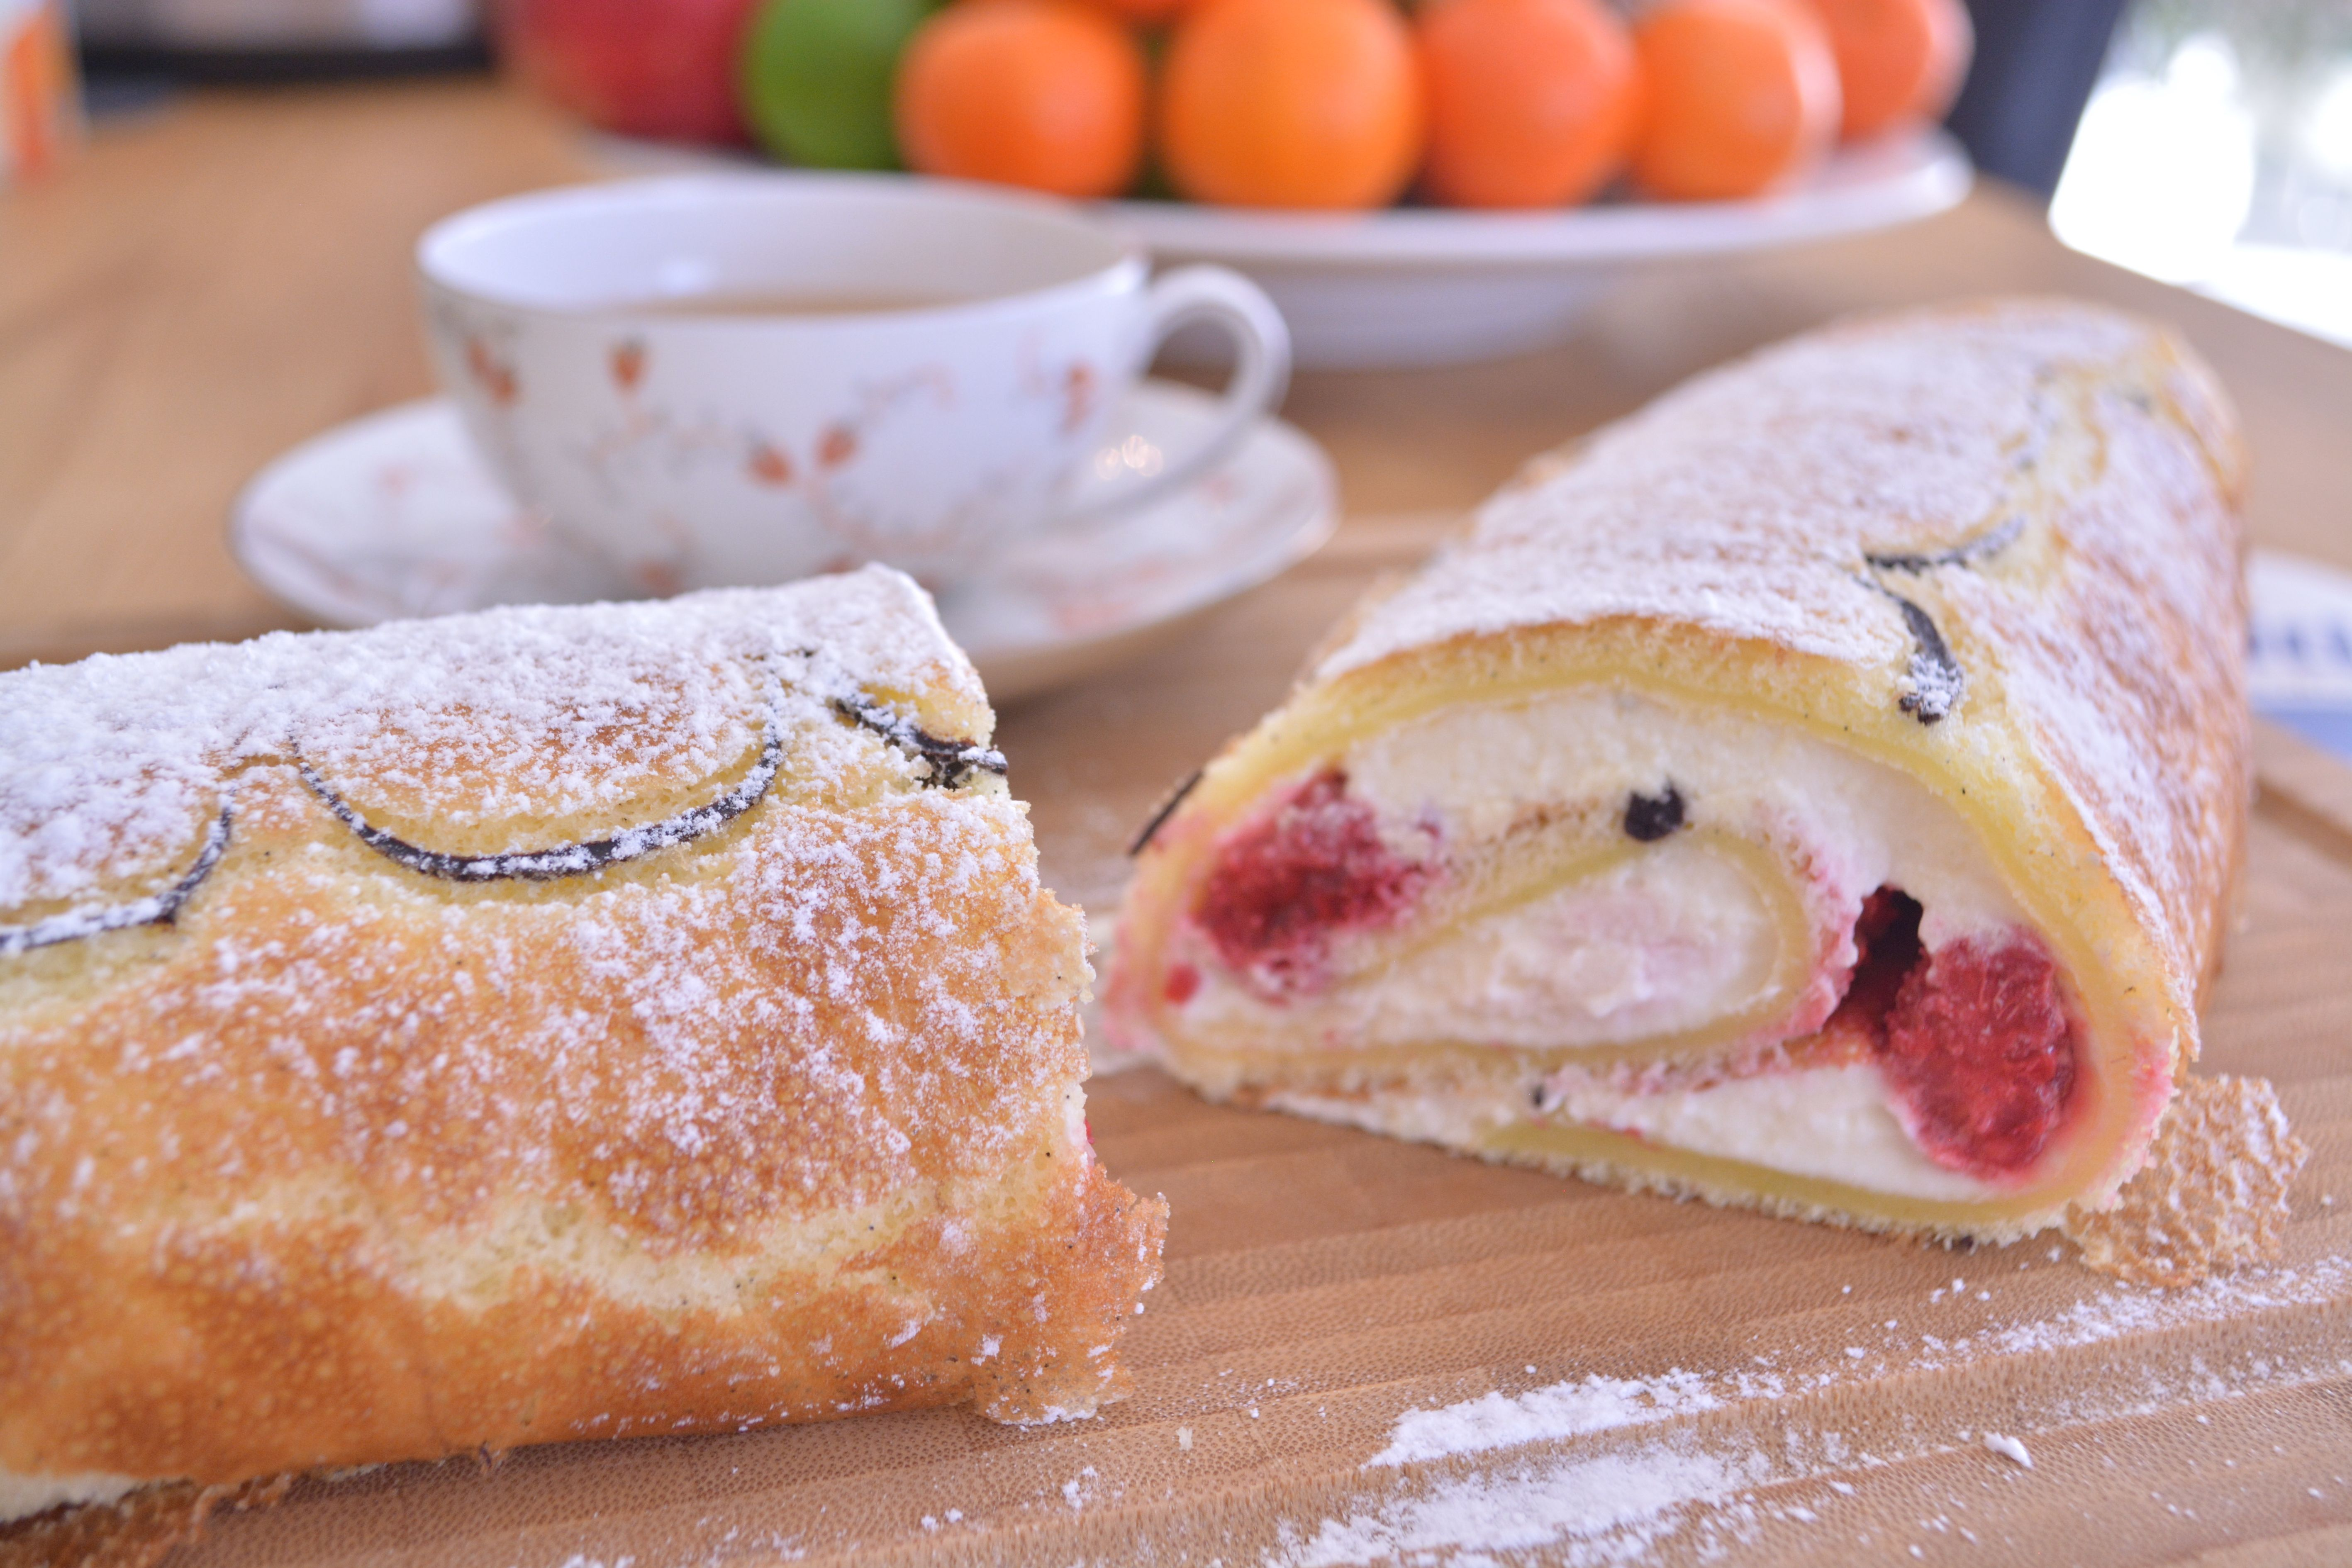 положить начинки для бисквитного рулета рецепты с фото остается жить